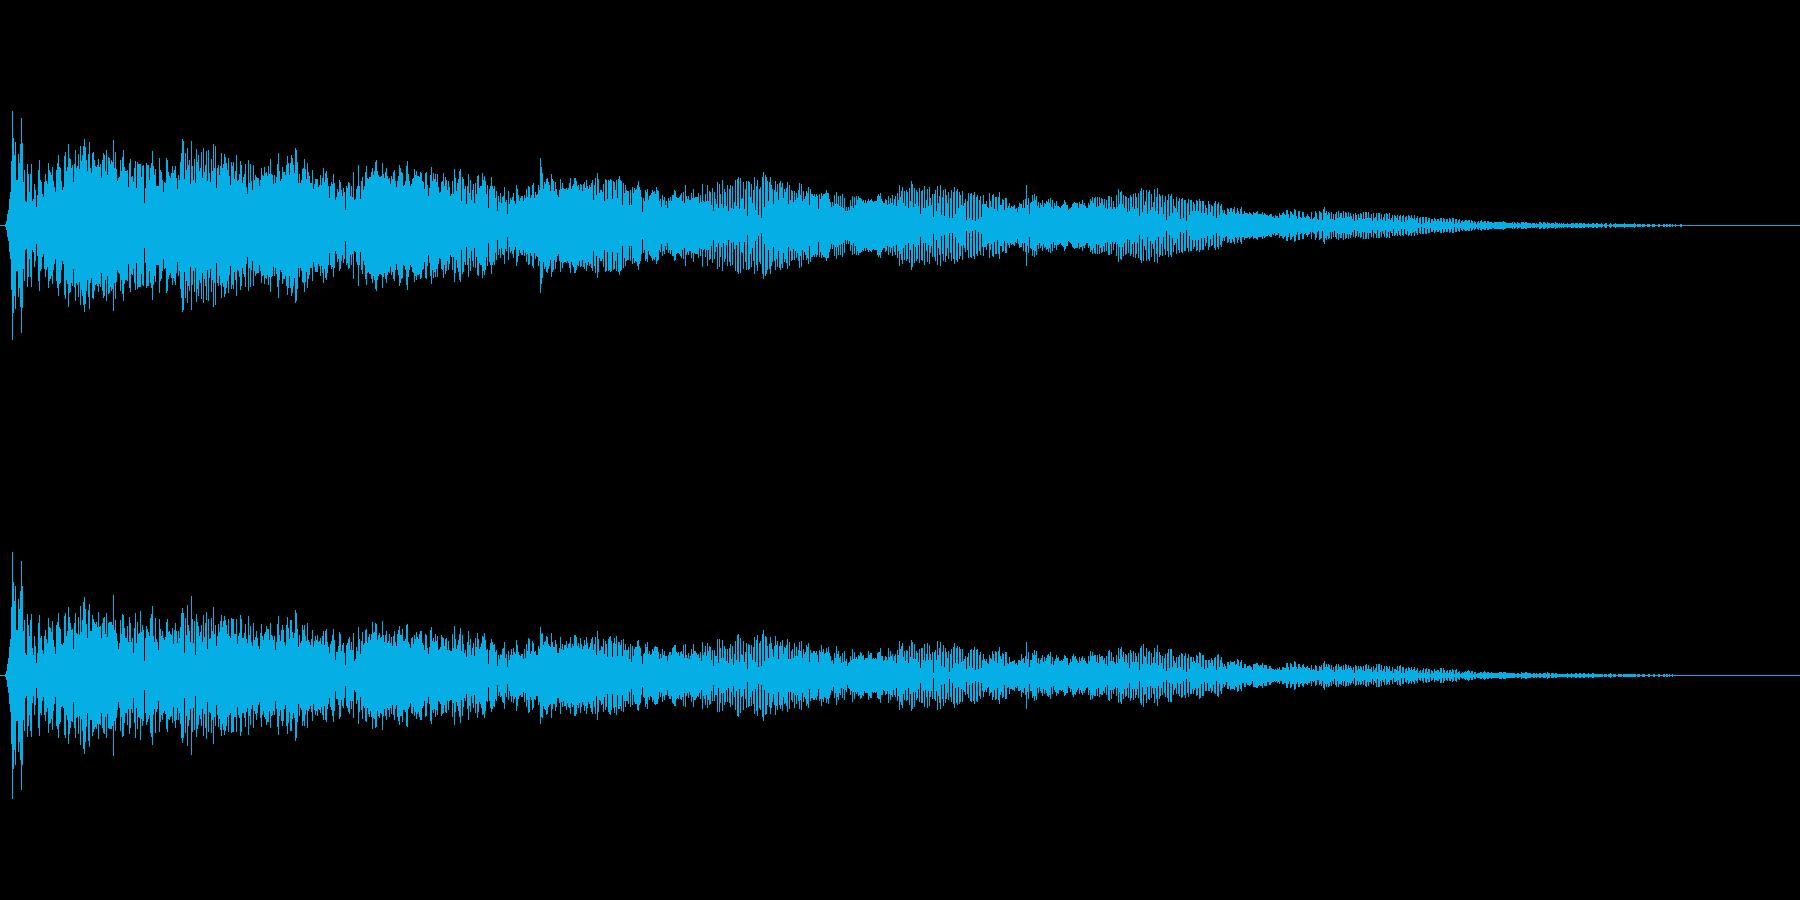 アニメ的ほのぼの系汗汗(あせあせ)音の再生済みの波形